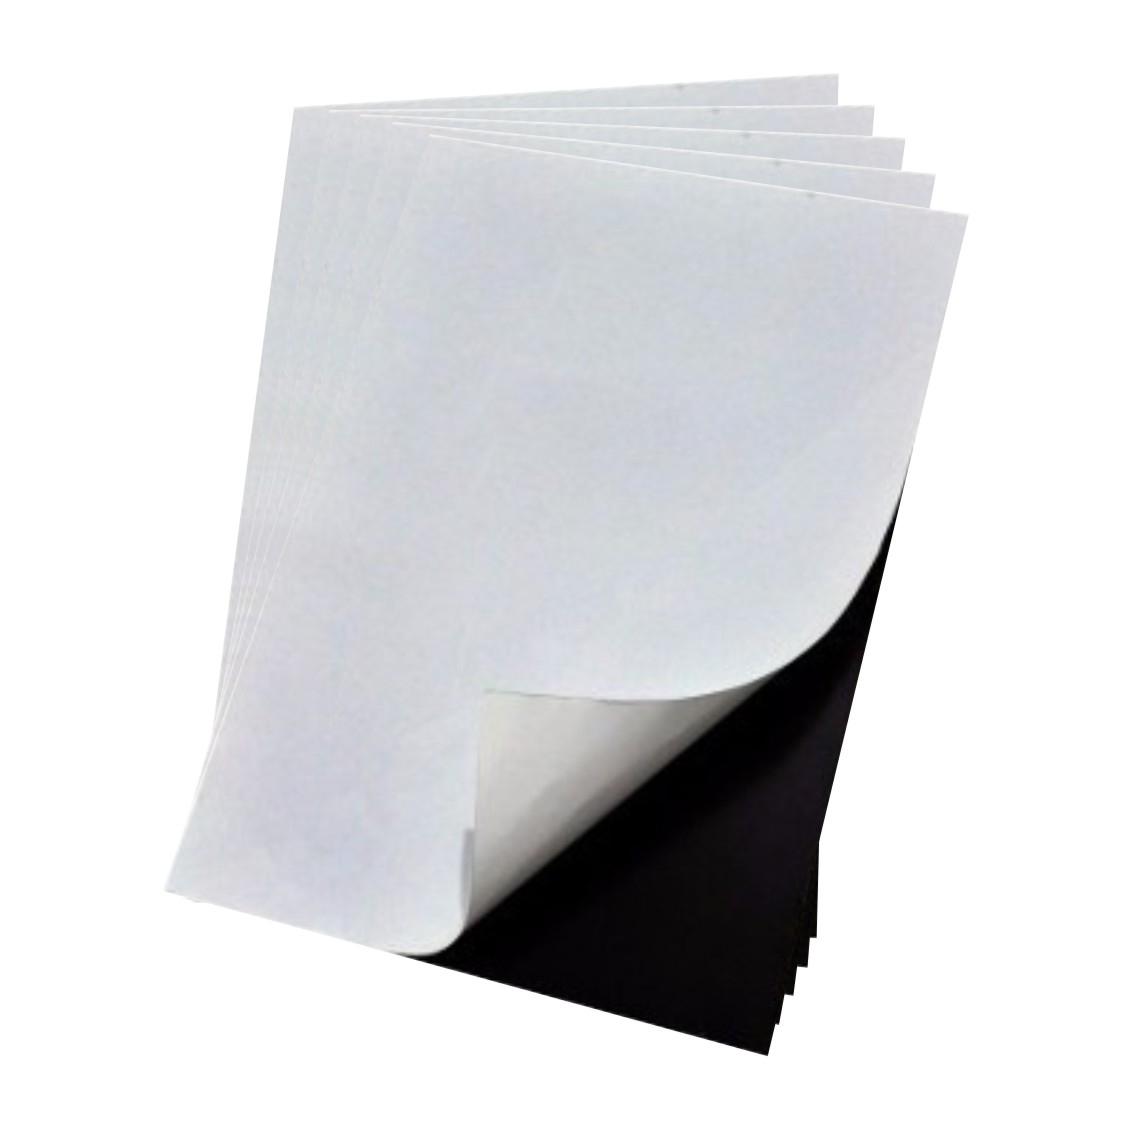 Manta Magnética Adesivada para Brindes E Calendário - Ima Adesivo - 5 pçs